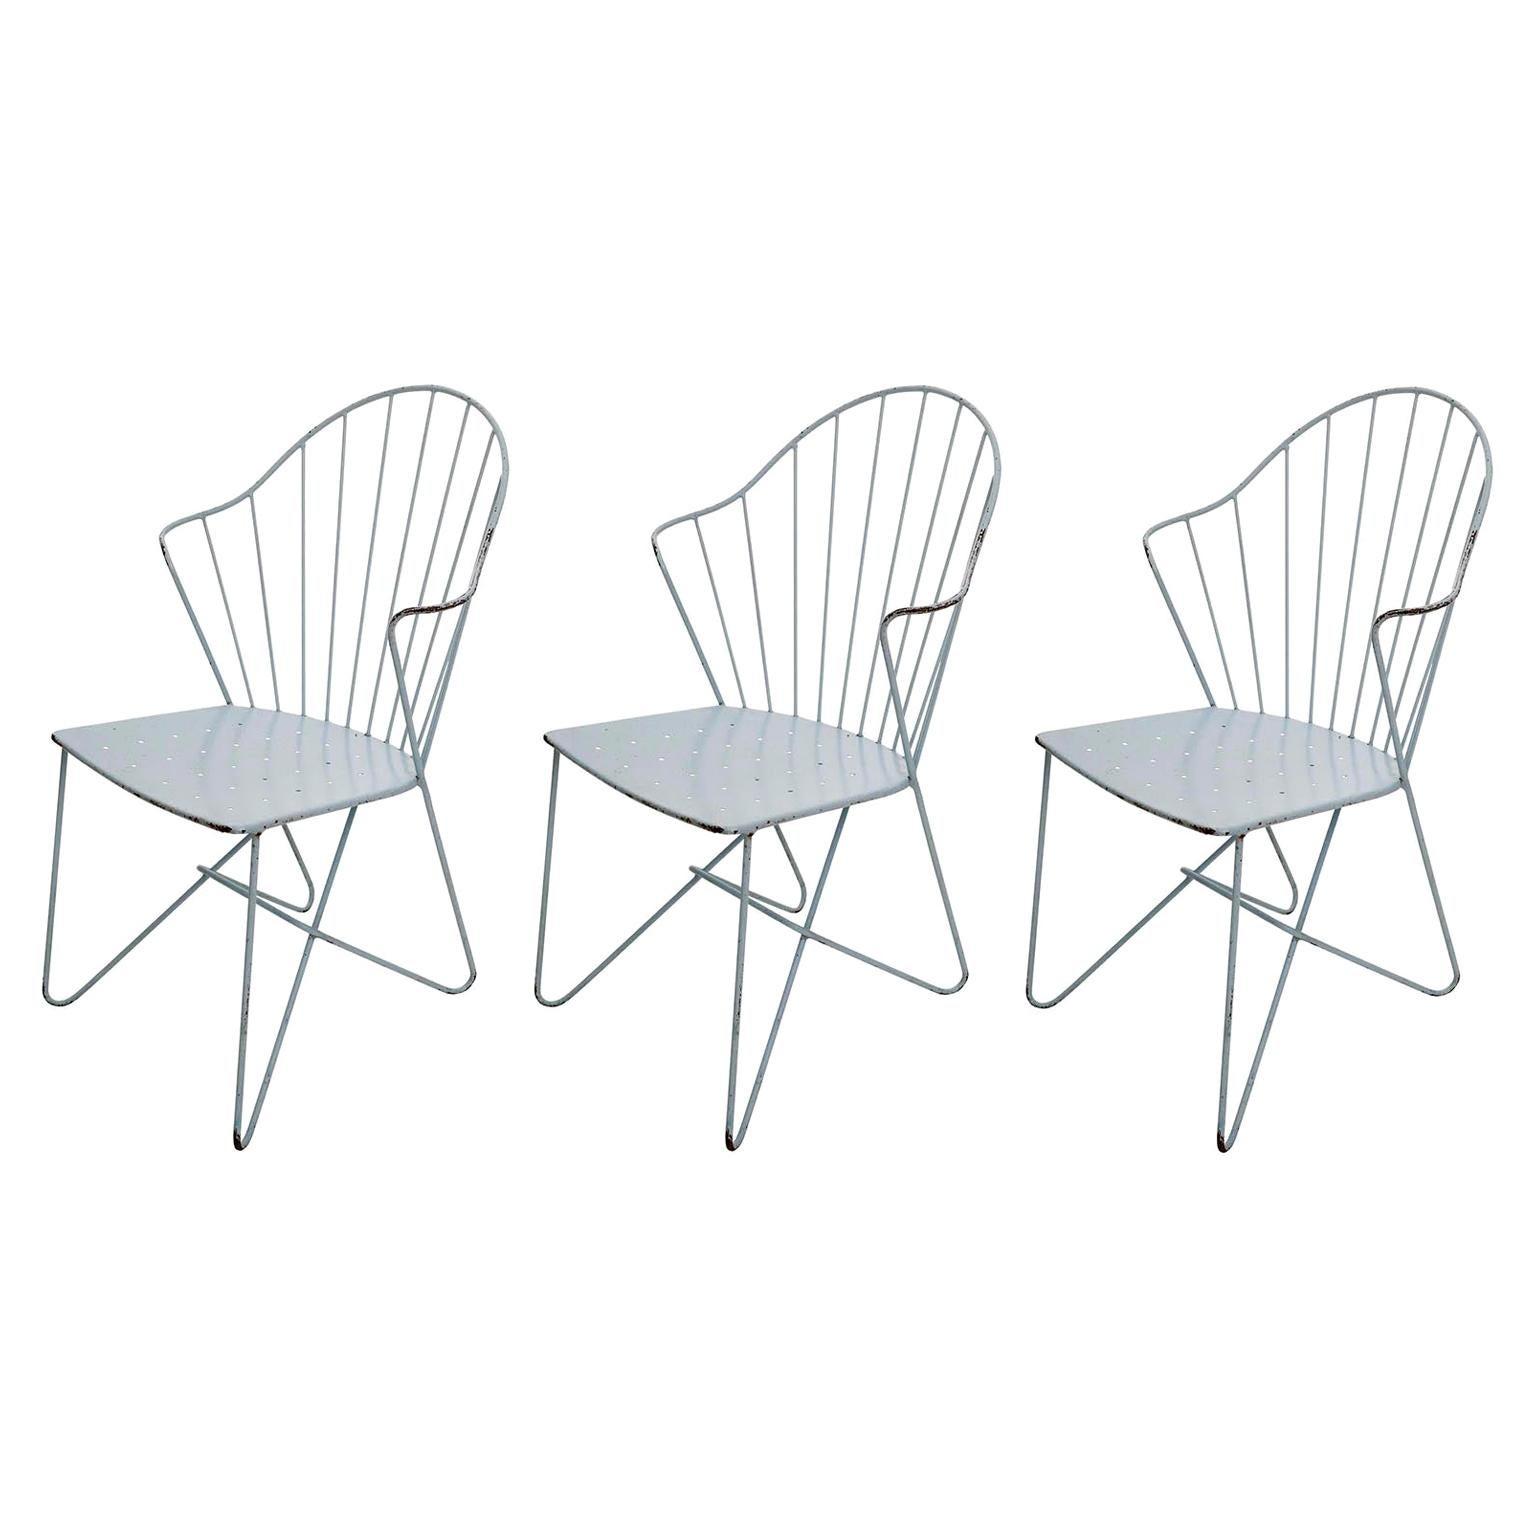 Three Wire Chairs 'Auersperg' Sonett, Karl Fostel, Austria, 1950